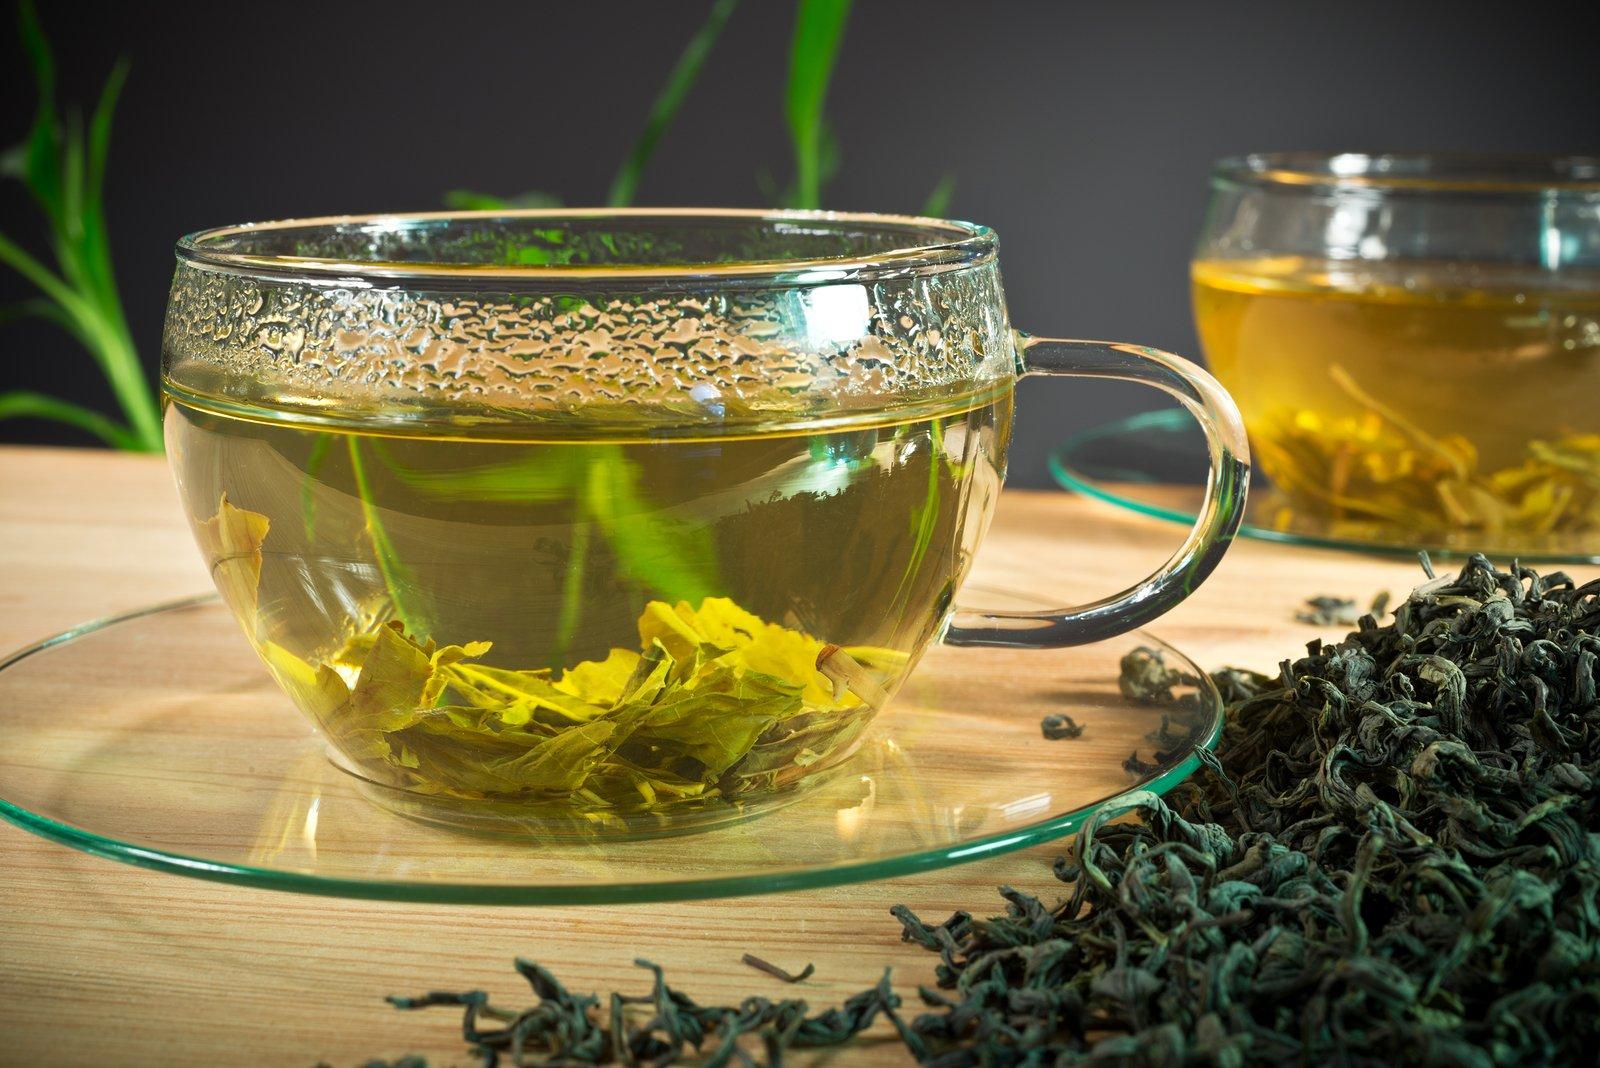 Ученый Фукусима заявил, что зеленый чай снижает риск рака и инсульта